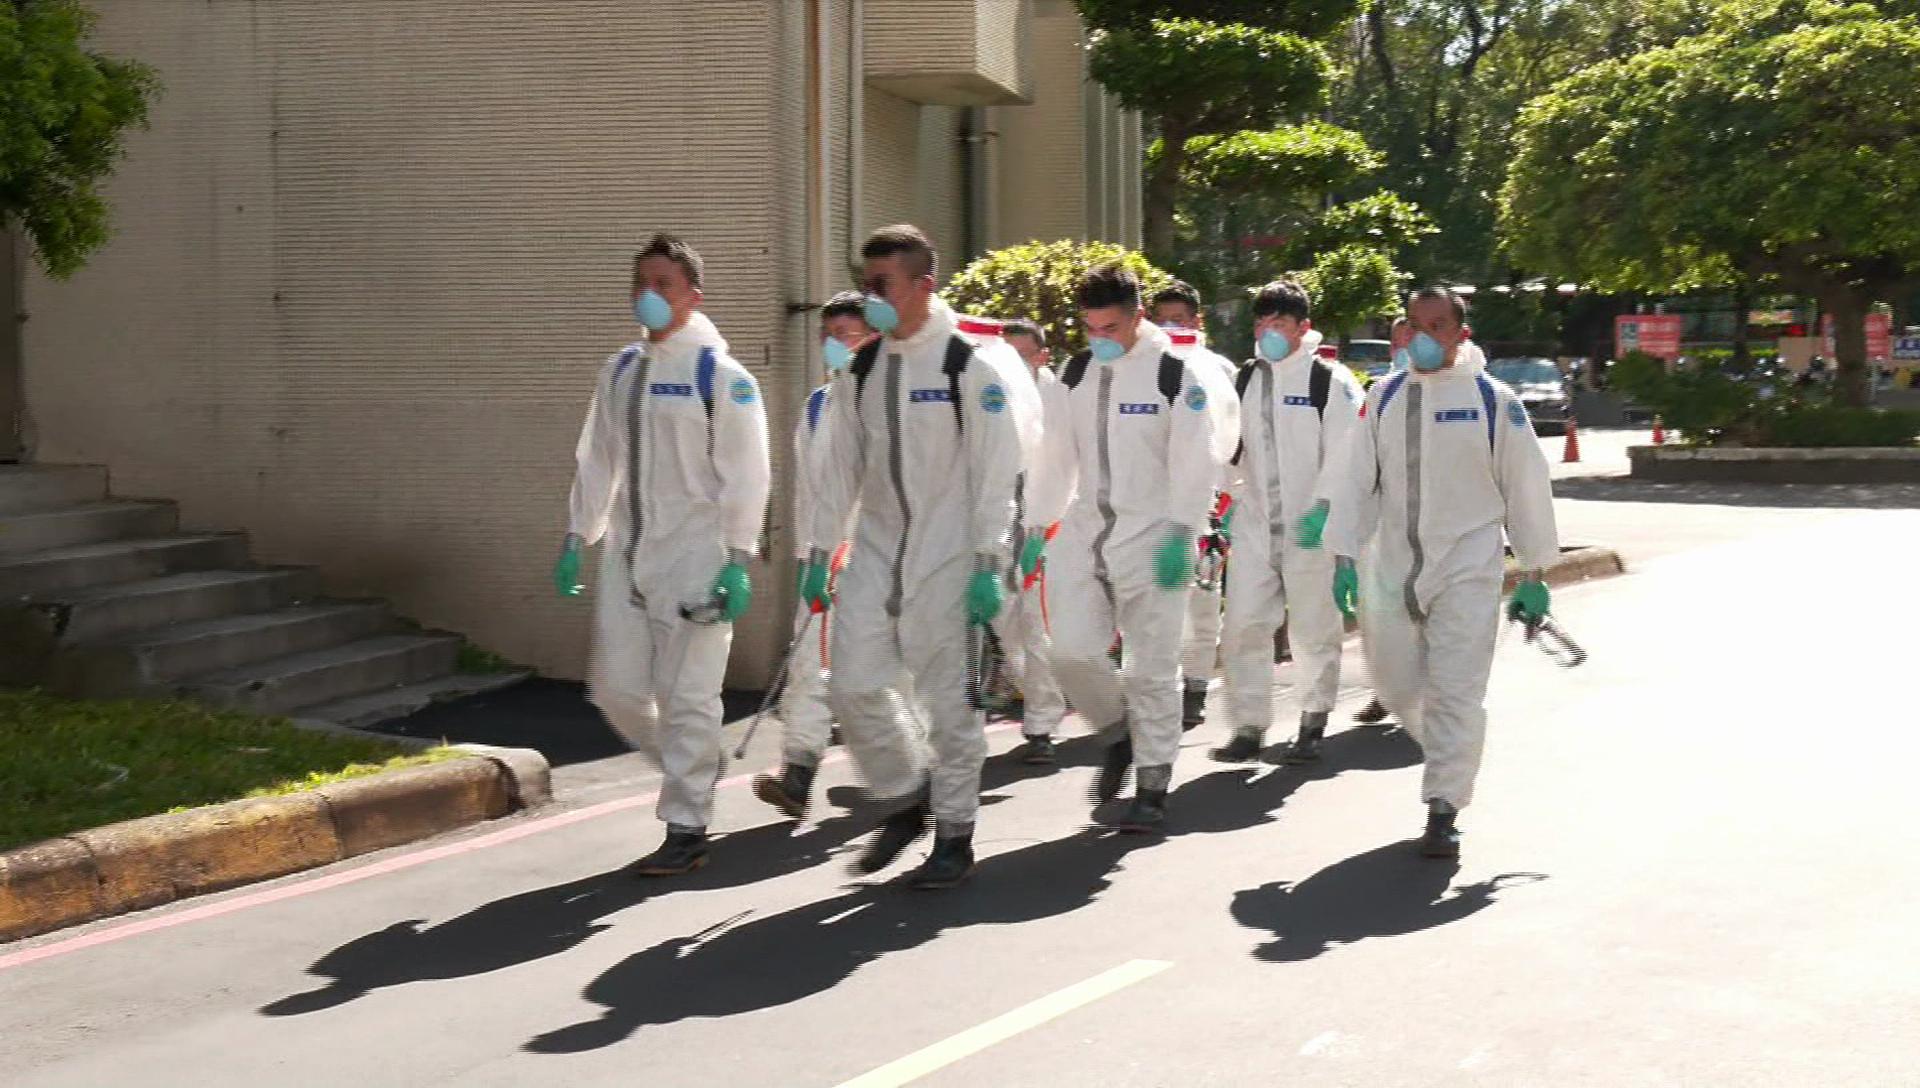 辛苦了! 化學兵官守崗位錯過兒出生 清潔員爆「離職潮」曝心聲